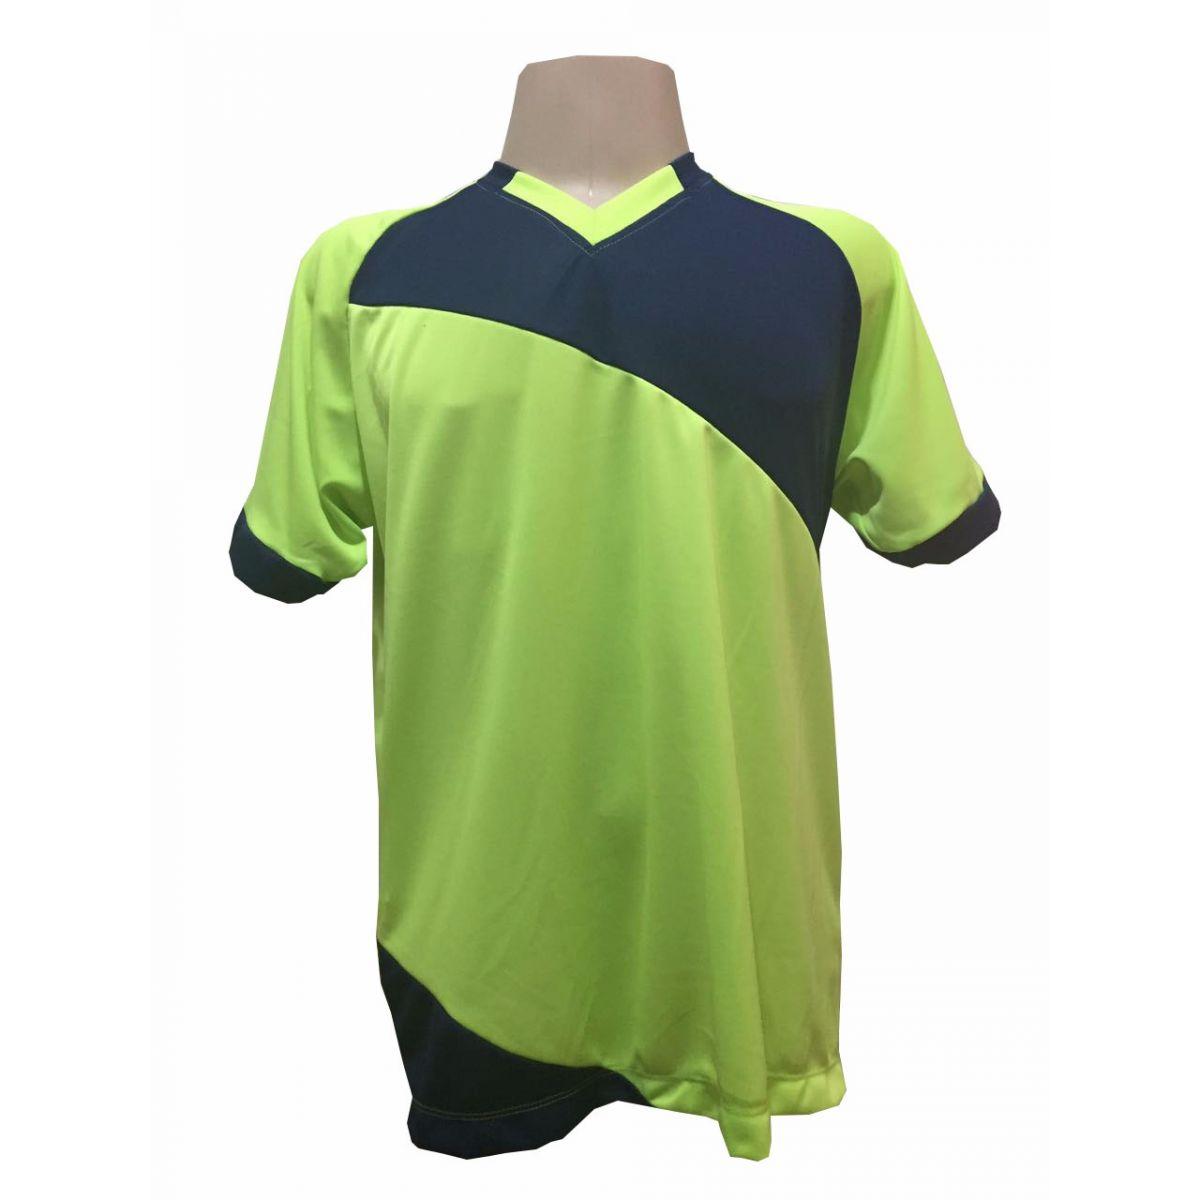 Uniforme Esportivo com 20 Camisas modelo Bélgica Limão/Marinho + 20 Calções modelo Madrid Marinho